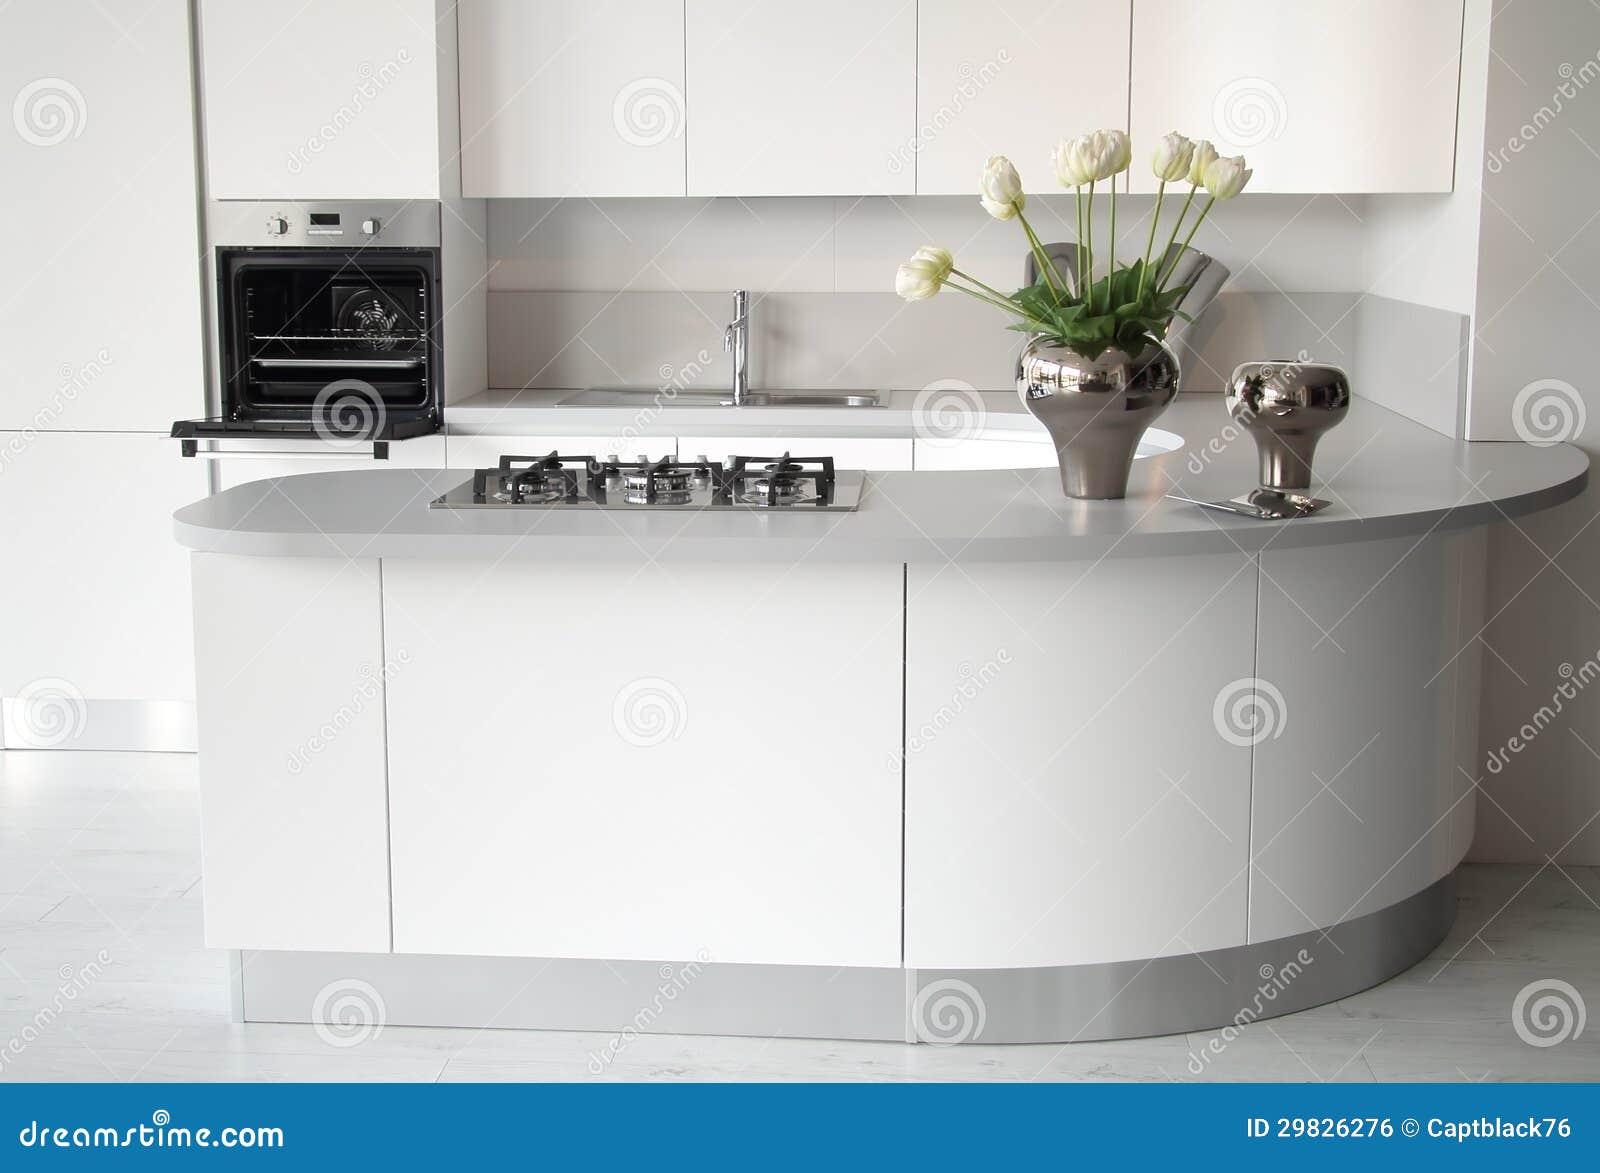 Cozinha branca moderna com forno aberto